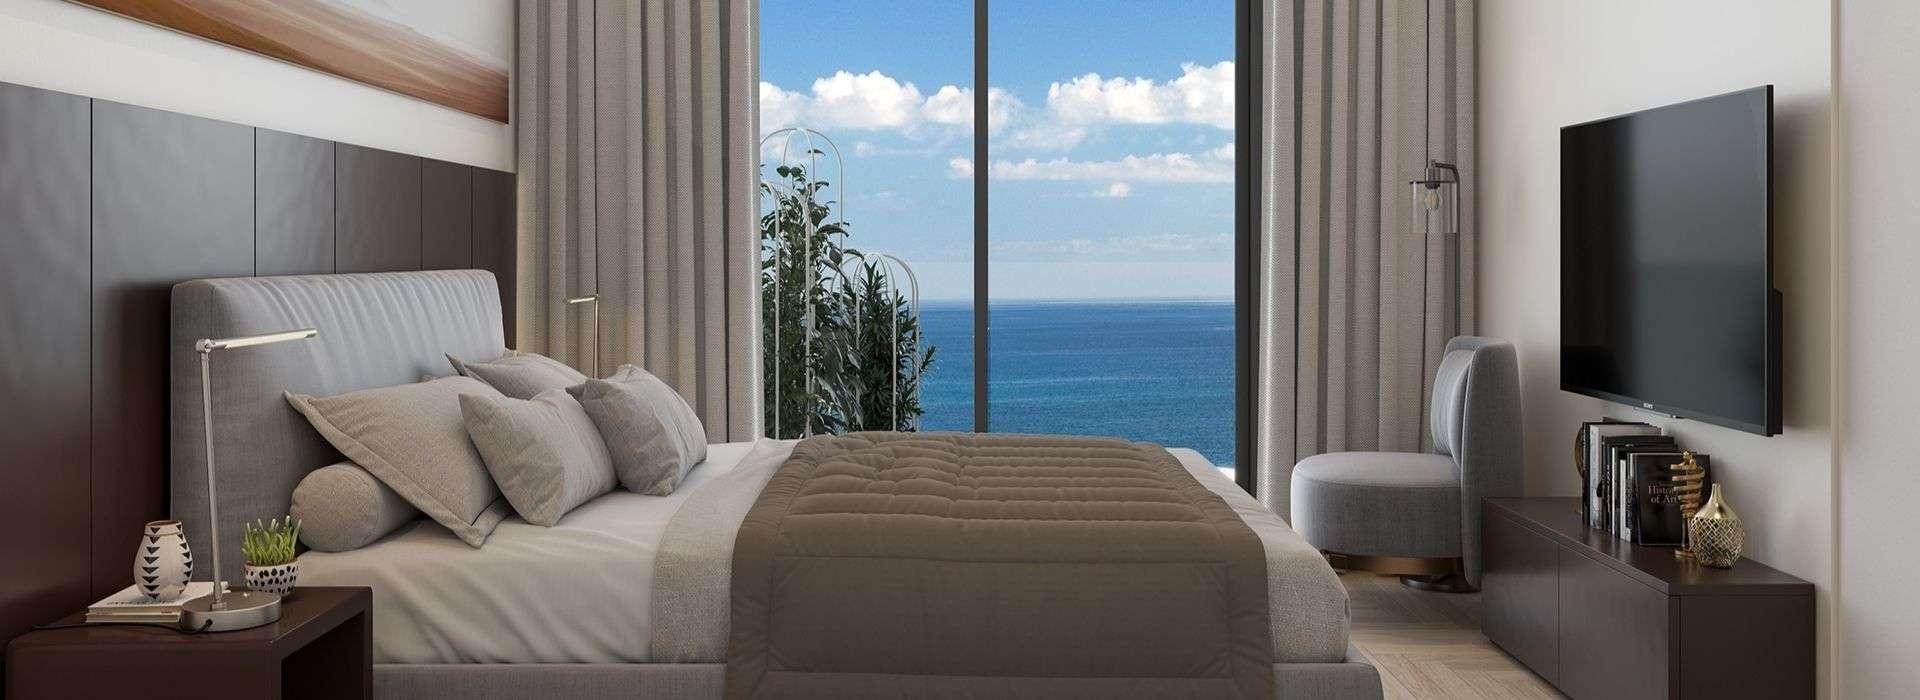 bedroom of NOX real estate development